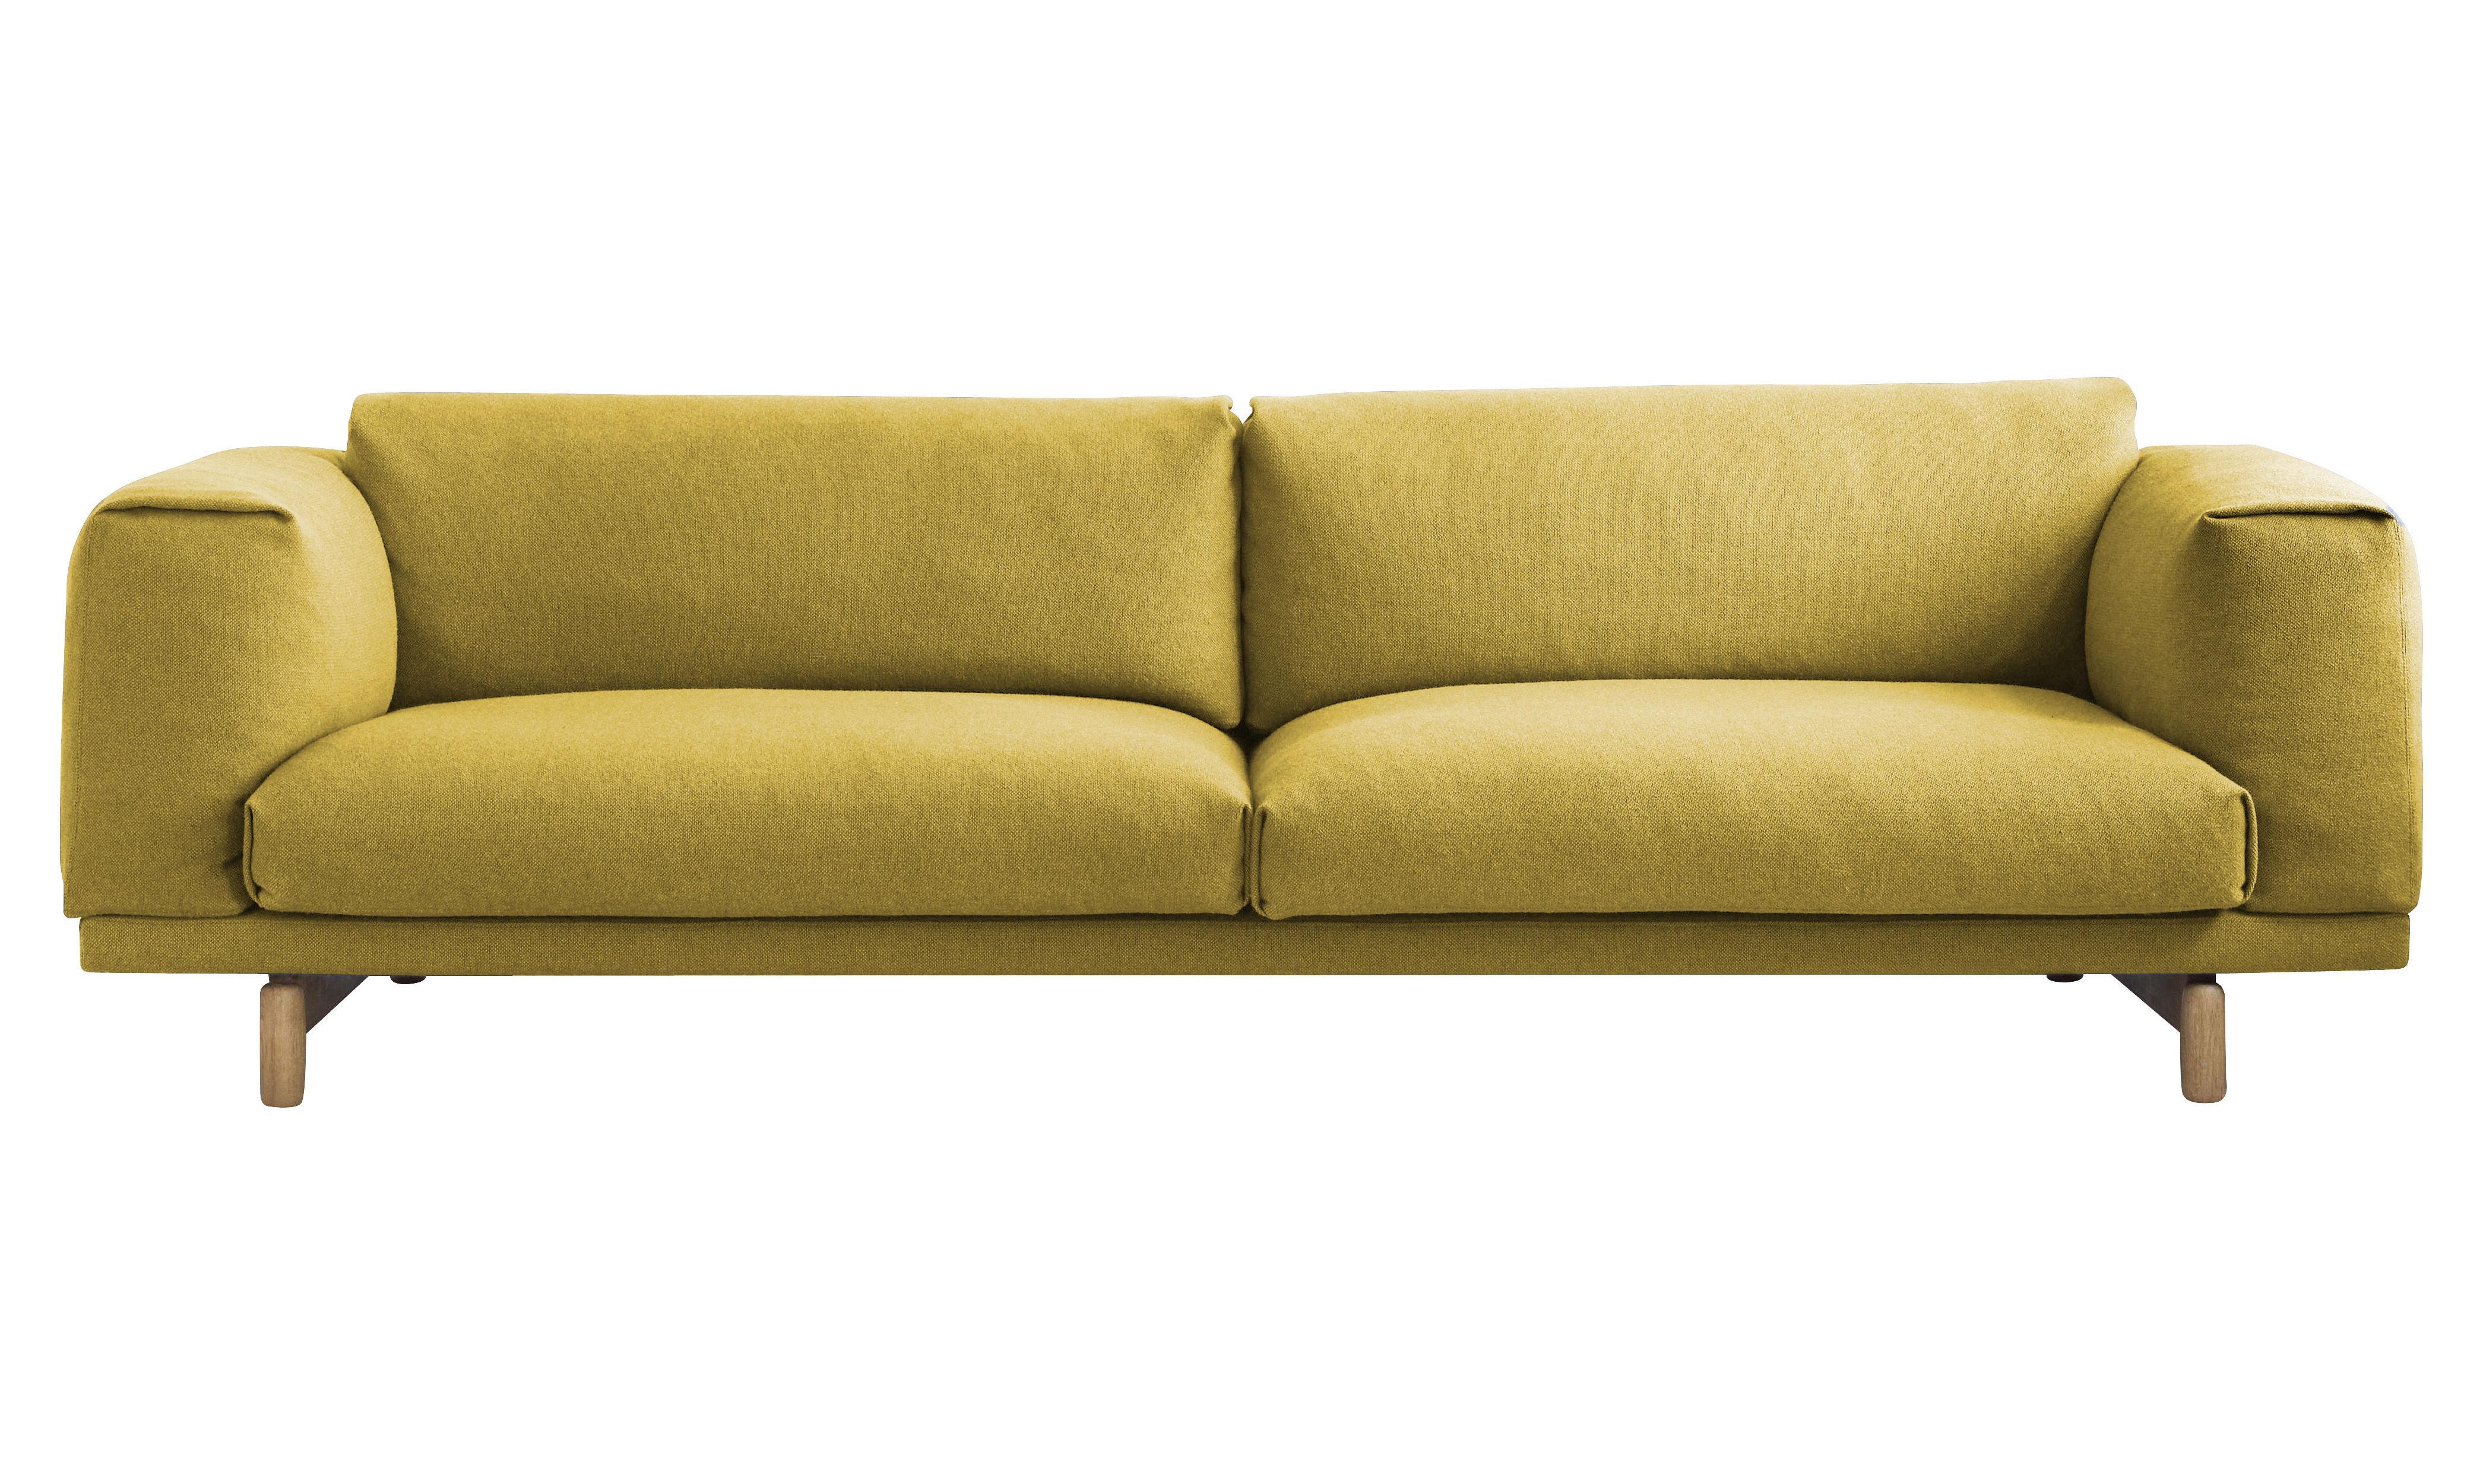 Furniture - Sofas - Rest Sofa - / 3 seats - L 260 cm by Muuto - Yellow / WOOL fabric - Foam, Kvadrat fabric, Oak